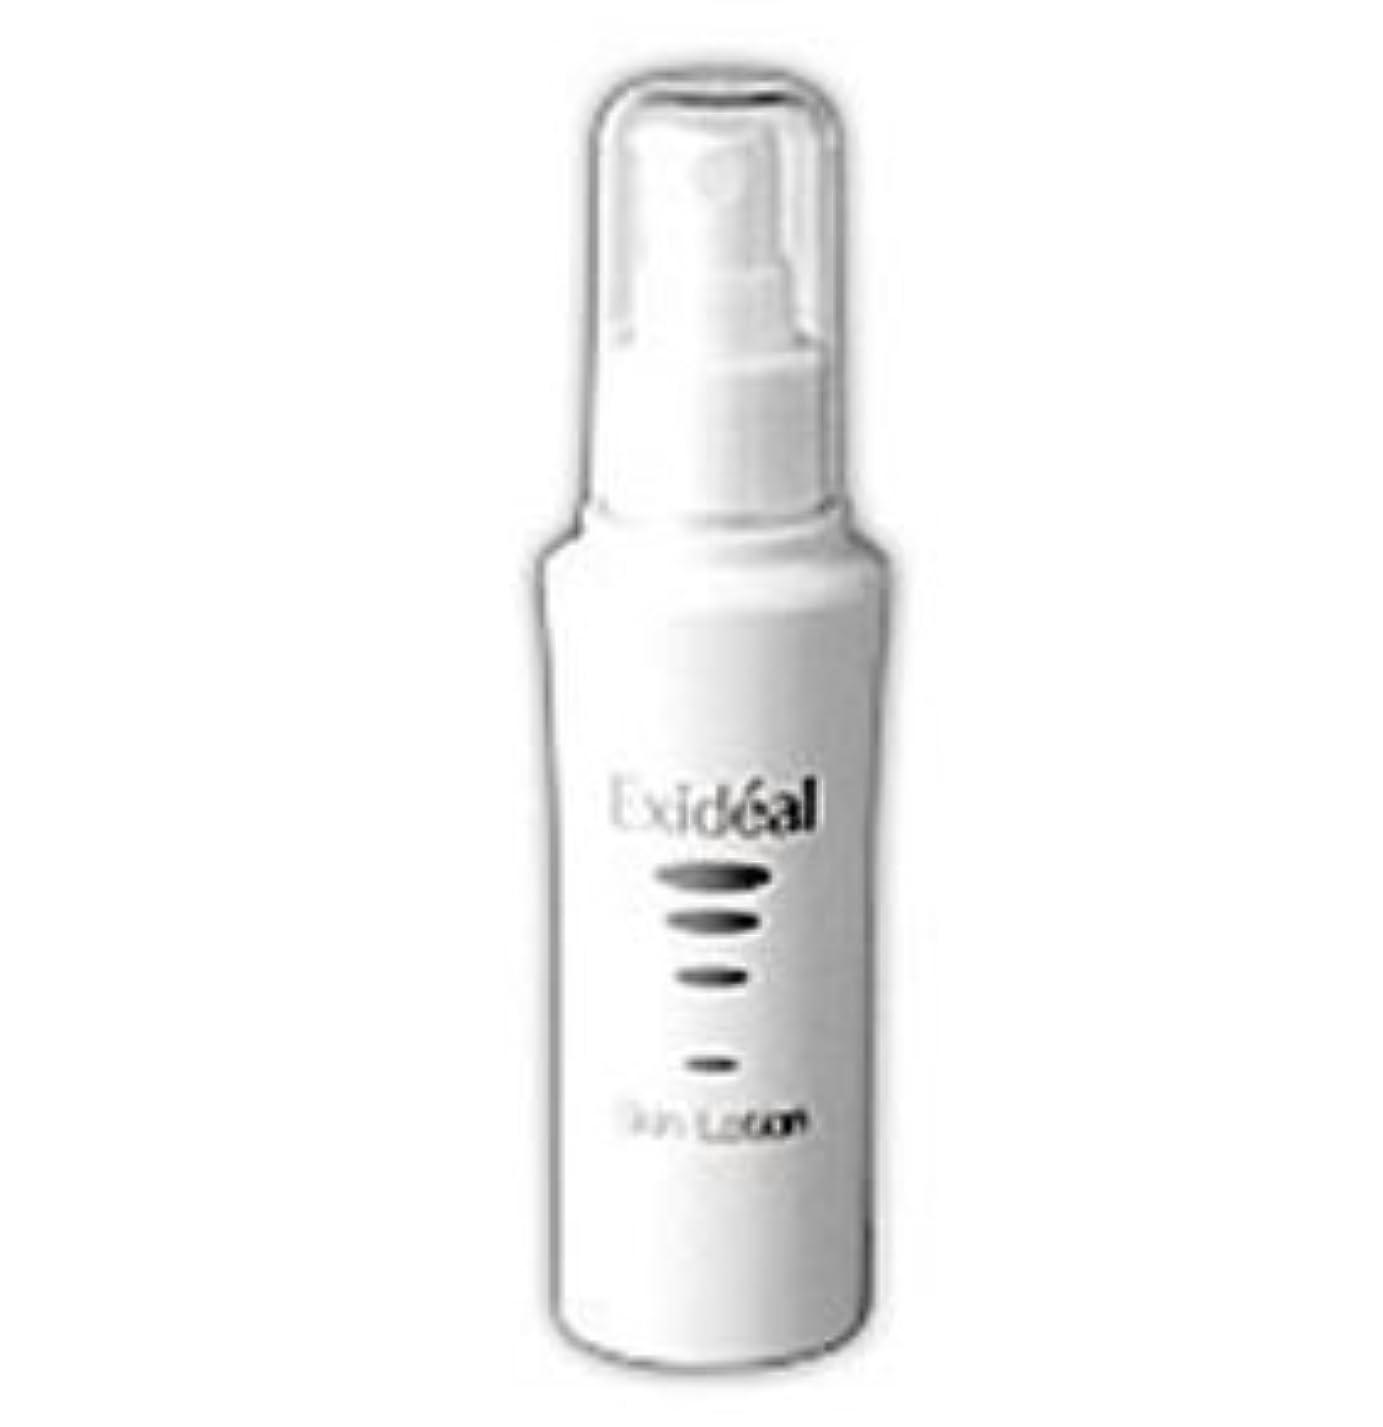 幹汚染するスタイルLED美顔器エクスイディアル Exideal 専用化粧水